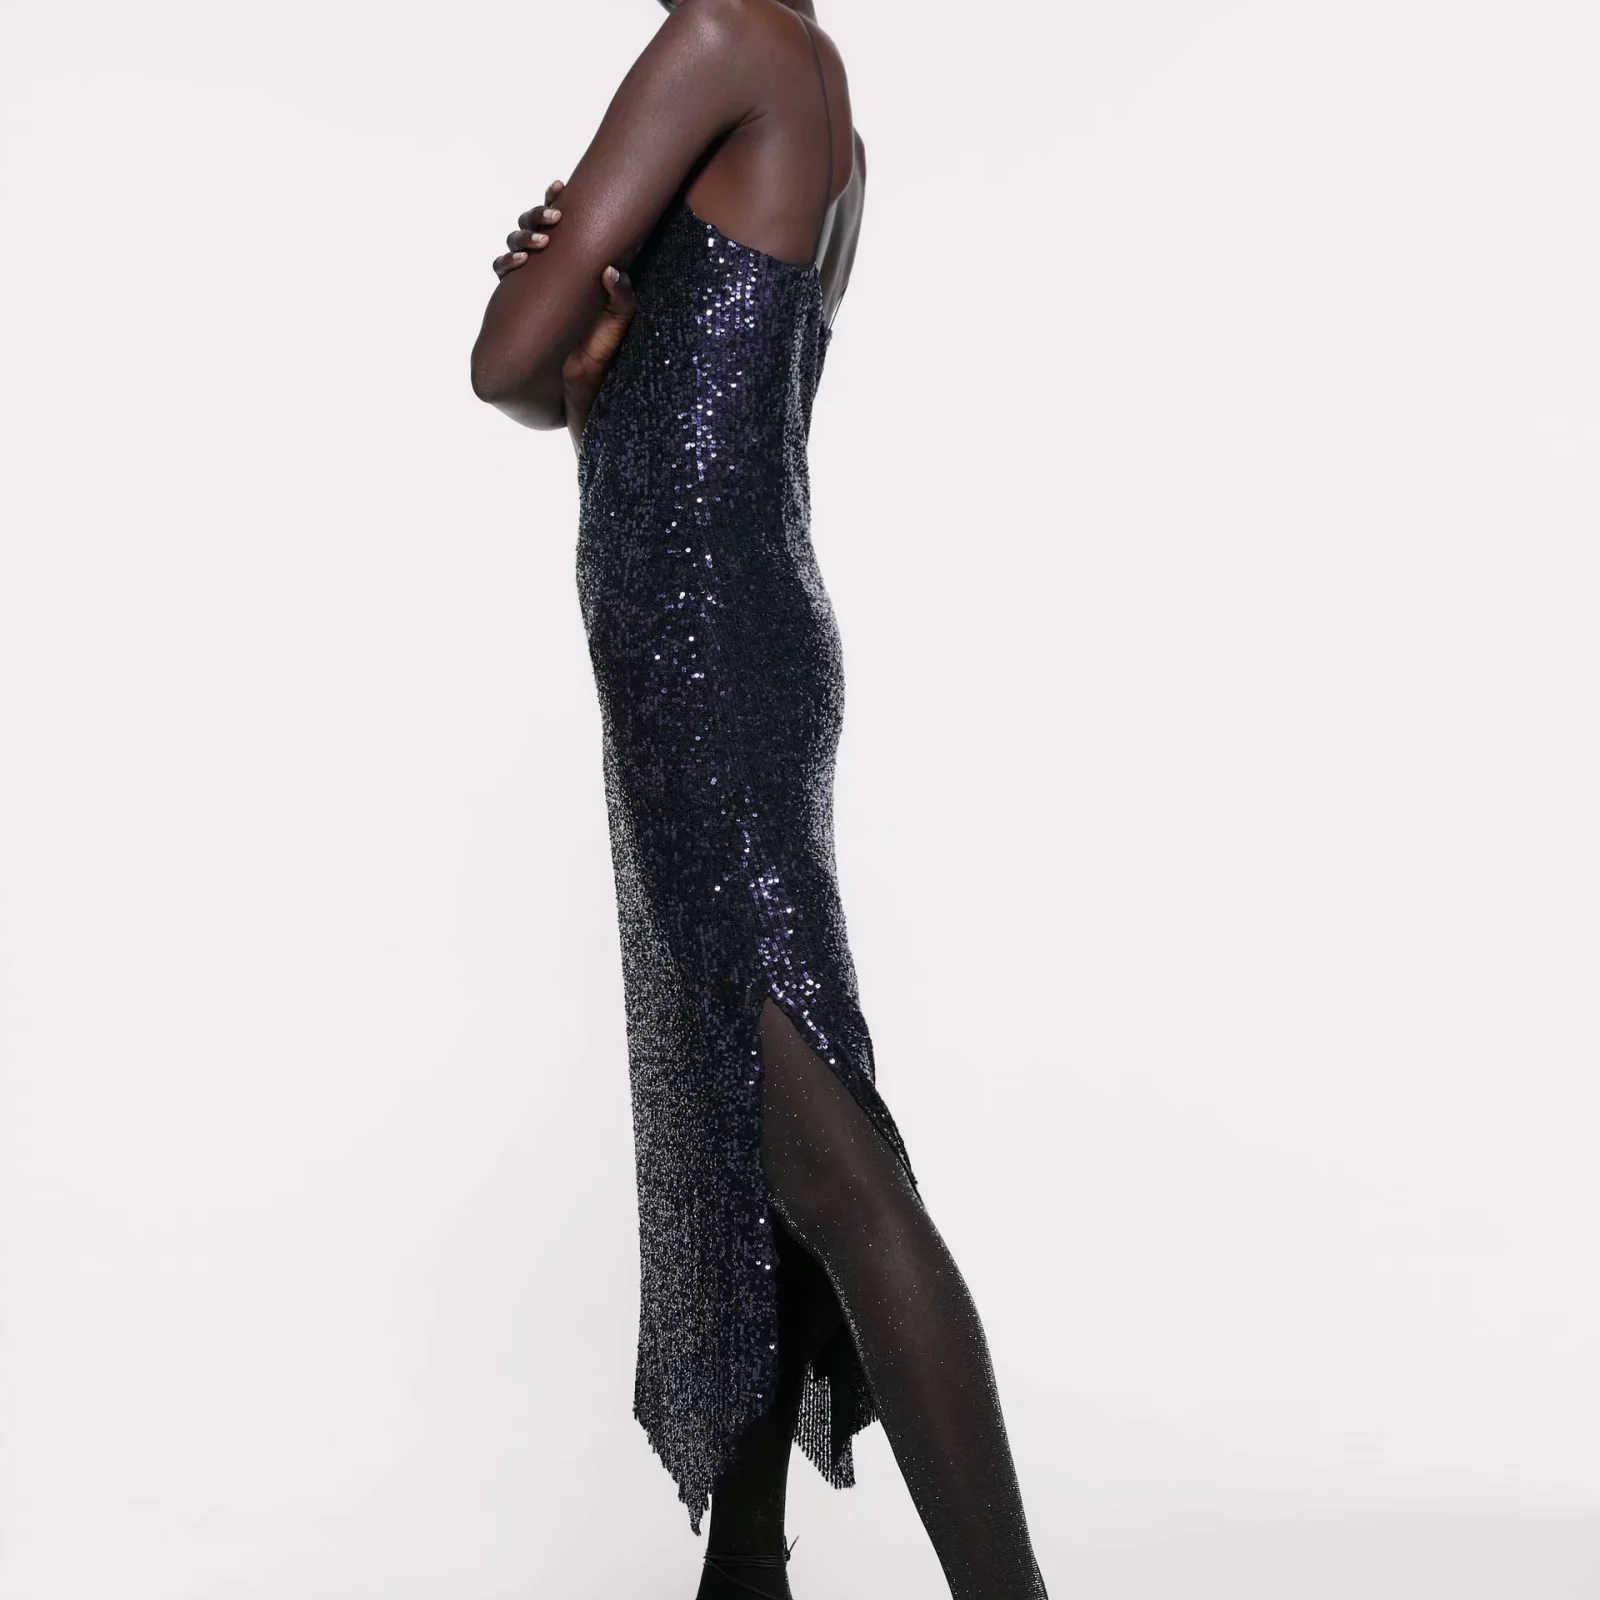 ZA kadın elbise 2019 donanma pullu sling v yaka şık bayanlar ince zarif uzun kulübü akşam parti elbise kadın elbise